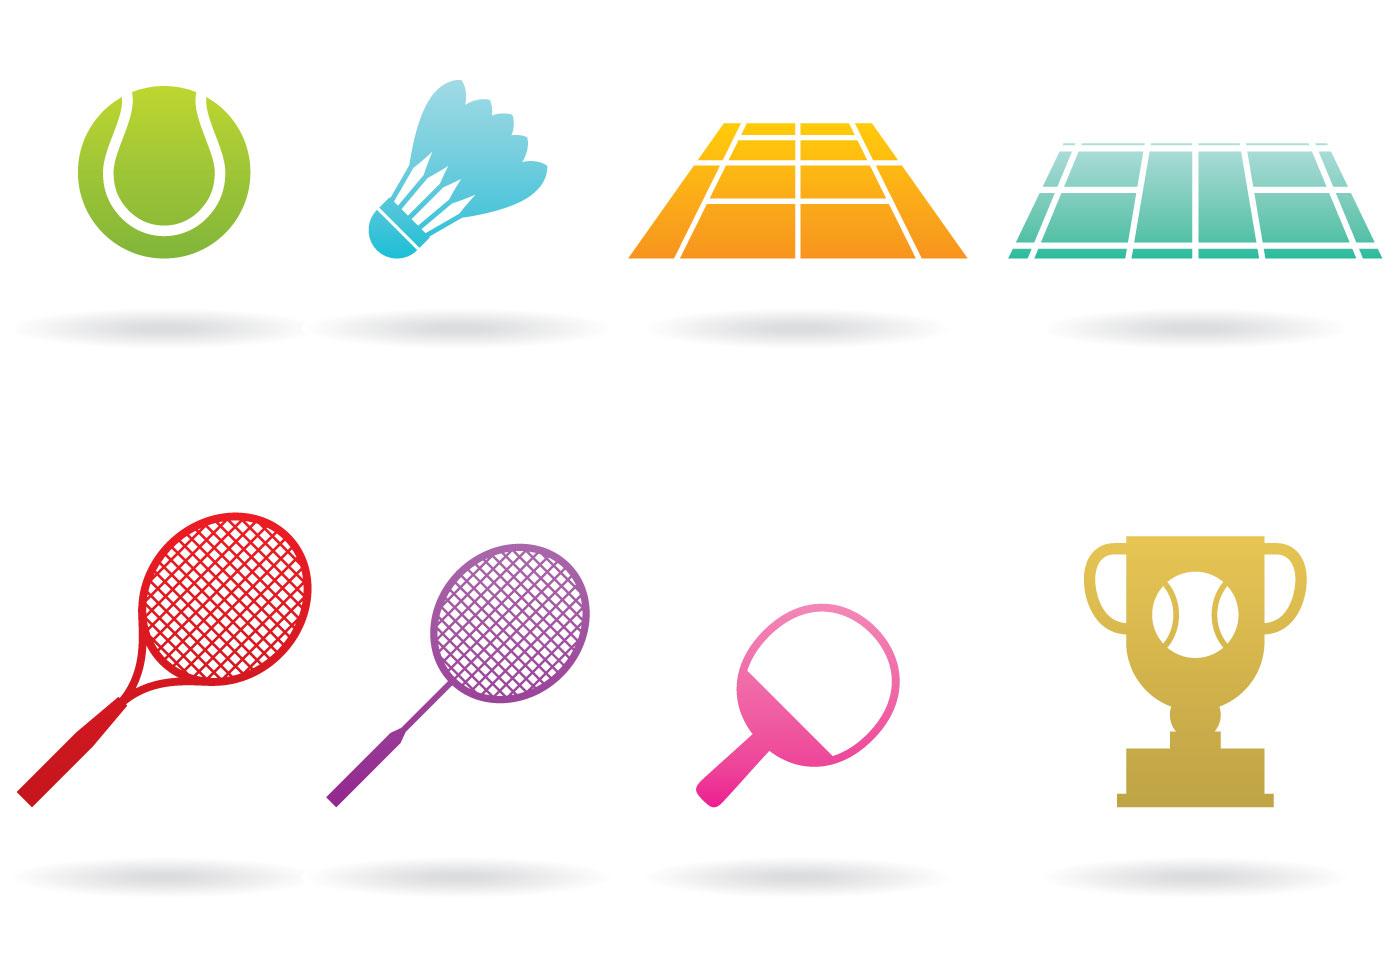 Badminton Logos - Download Free Vectors, Clipart Graphics